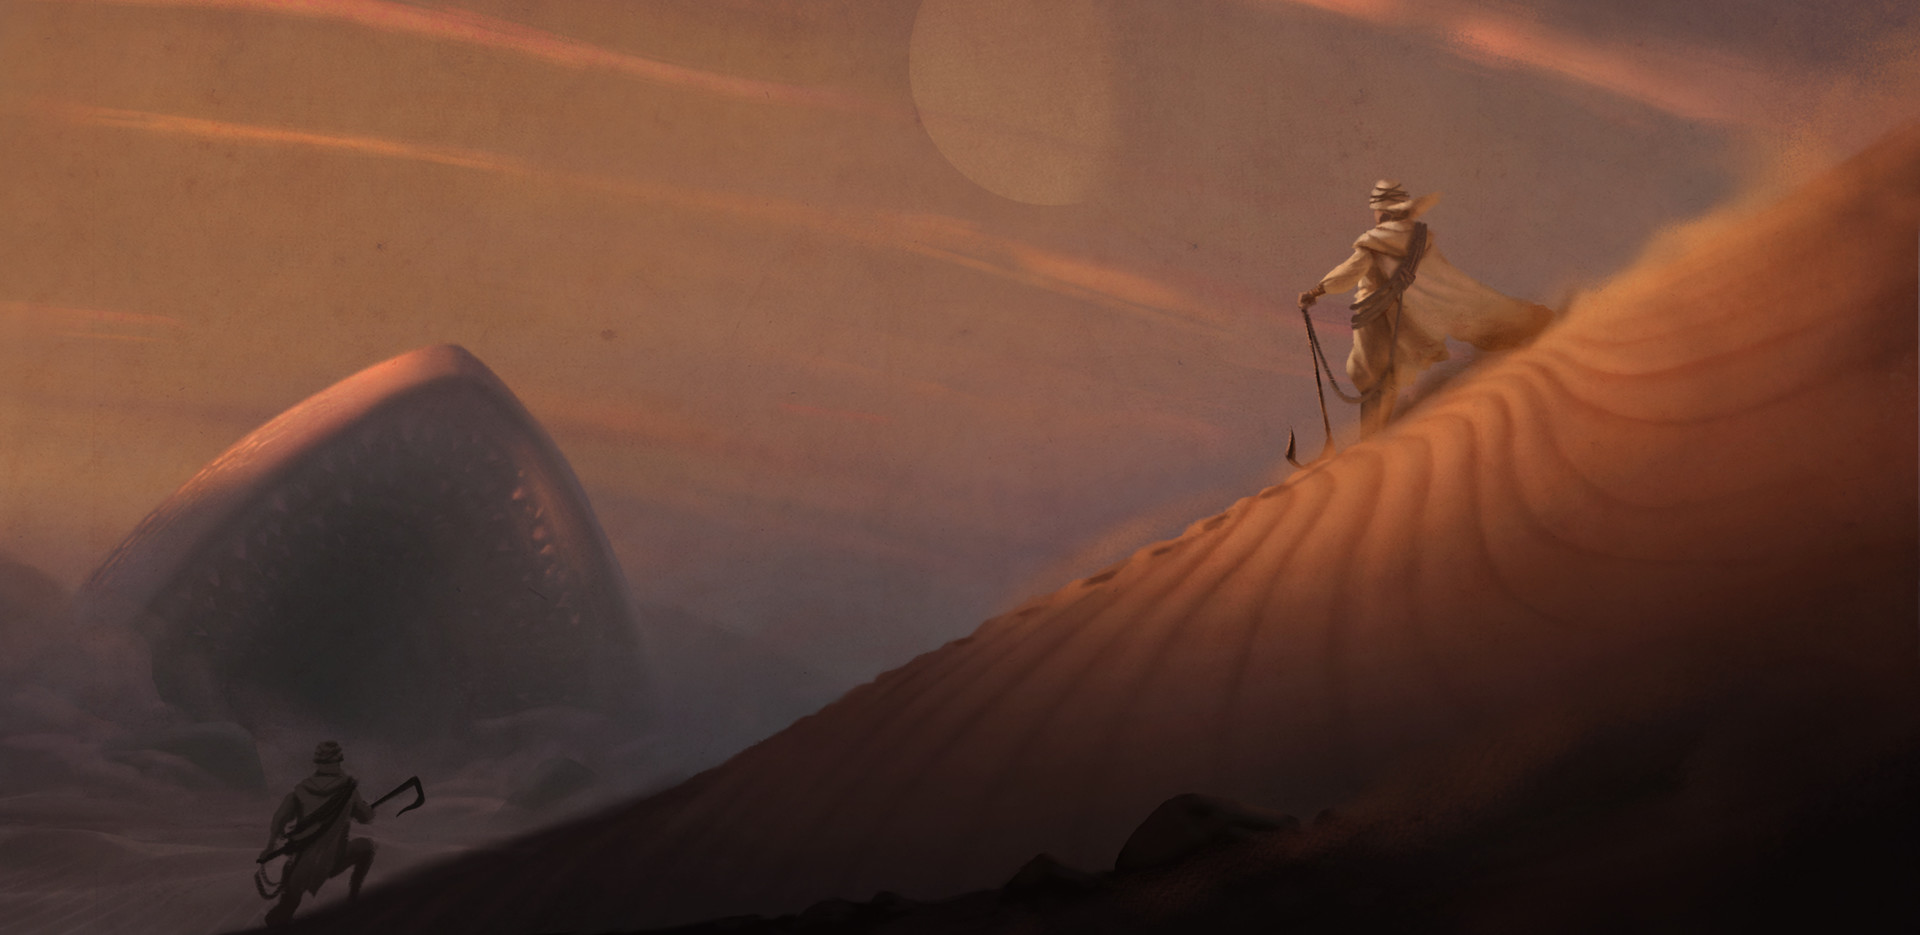 dune fan art